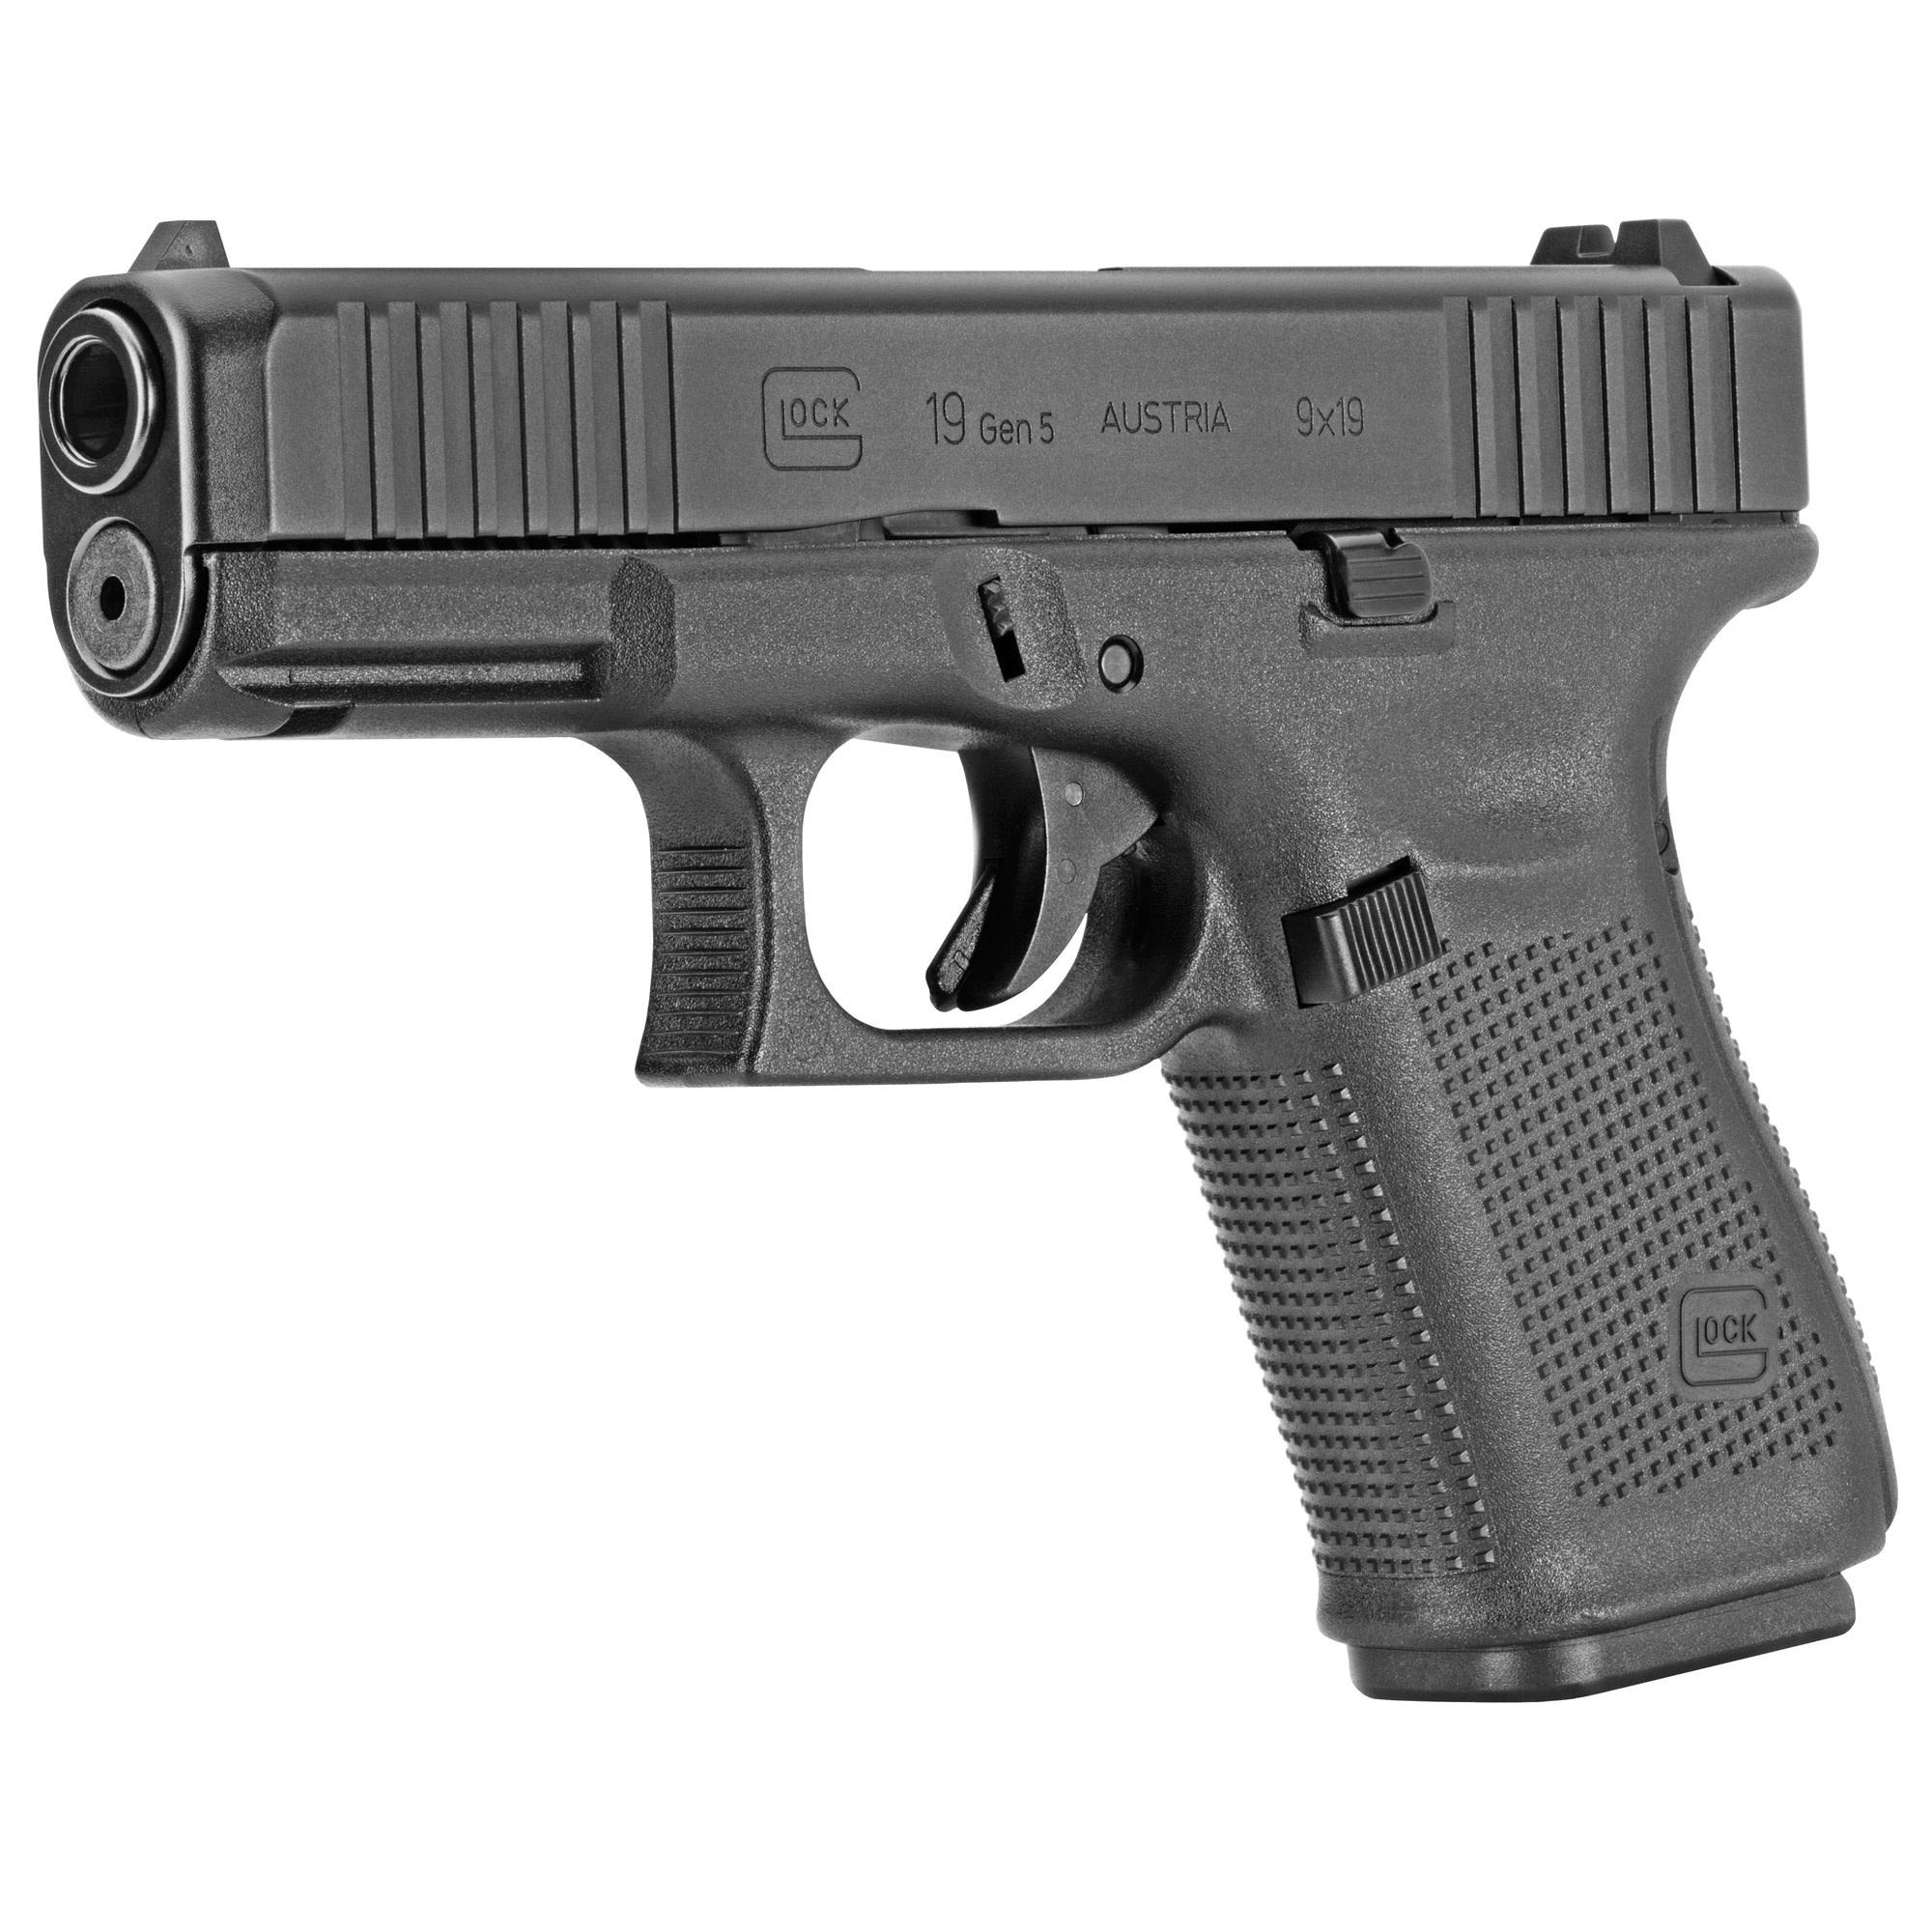 Glock 19 Gen 5, 9 mm, 15 rd, 3 mags